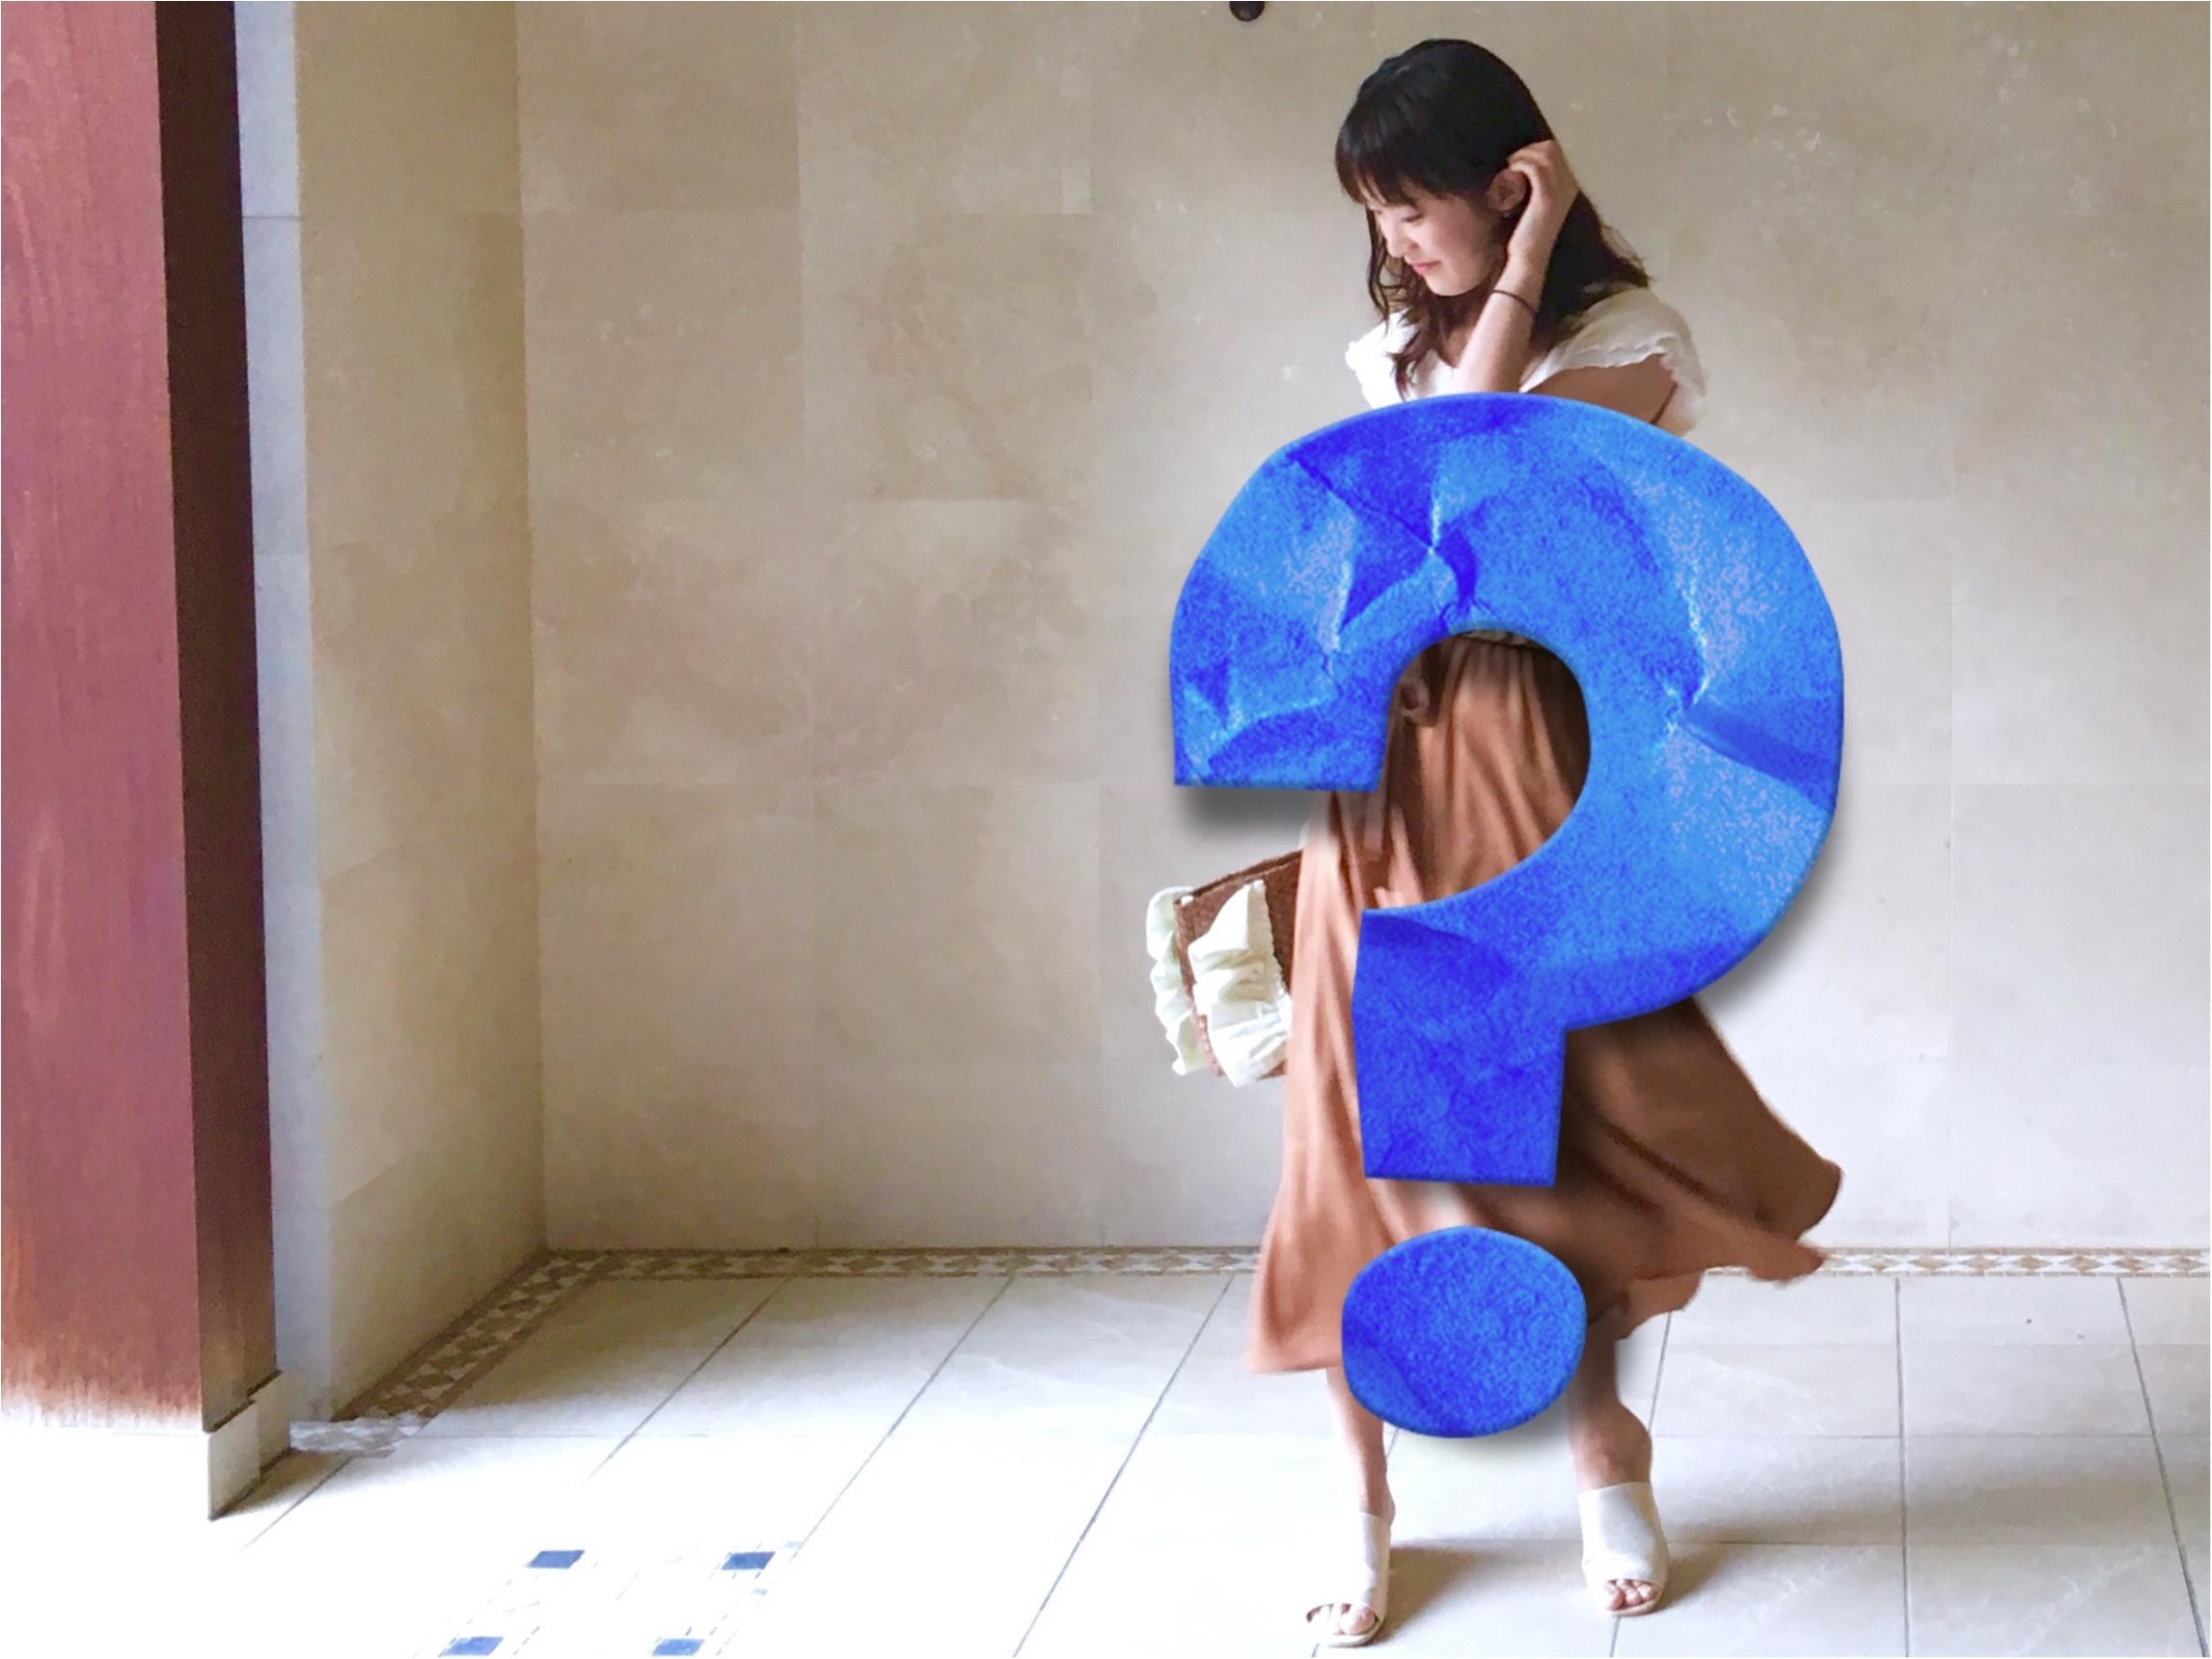 【GU】着ていると褒められる《高見えスカート》❤️¥1500で今から秋まで着倒せます!_1